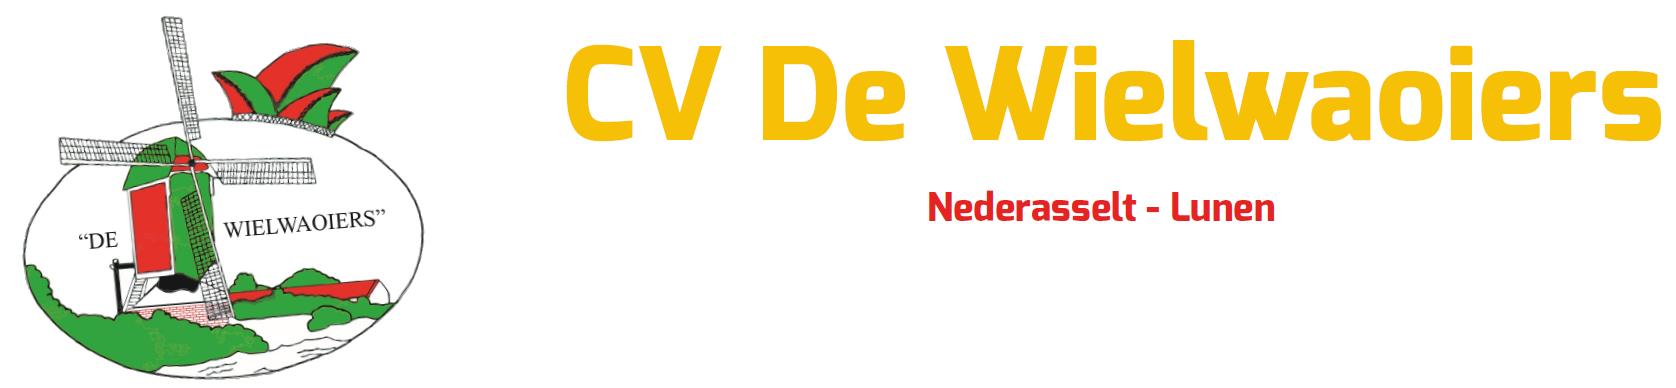 CV De Wielwaoiers